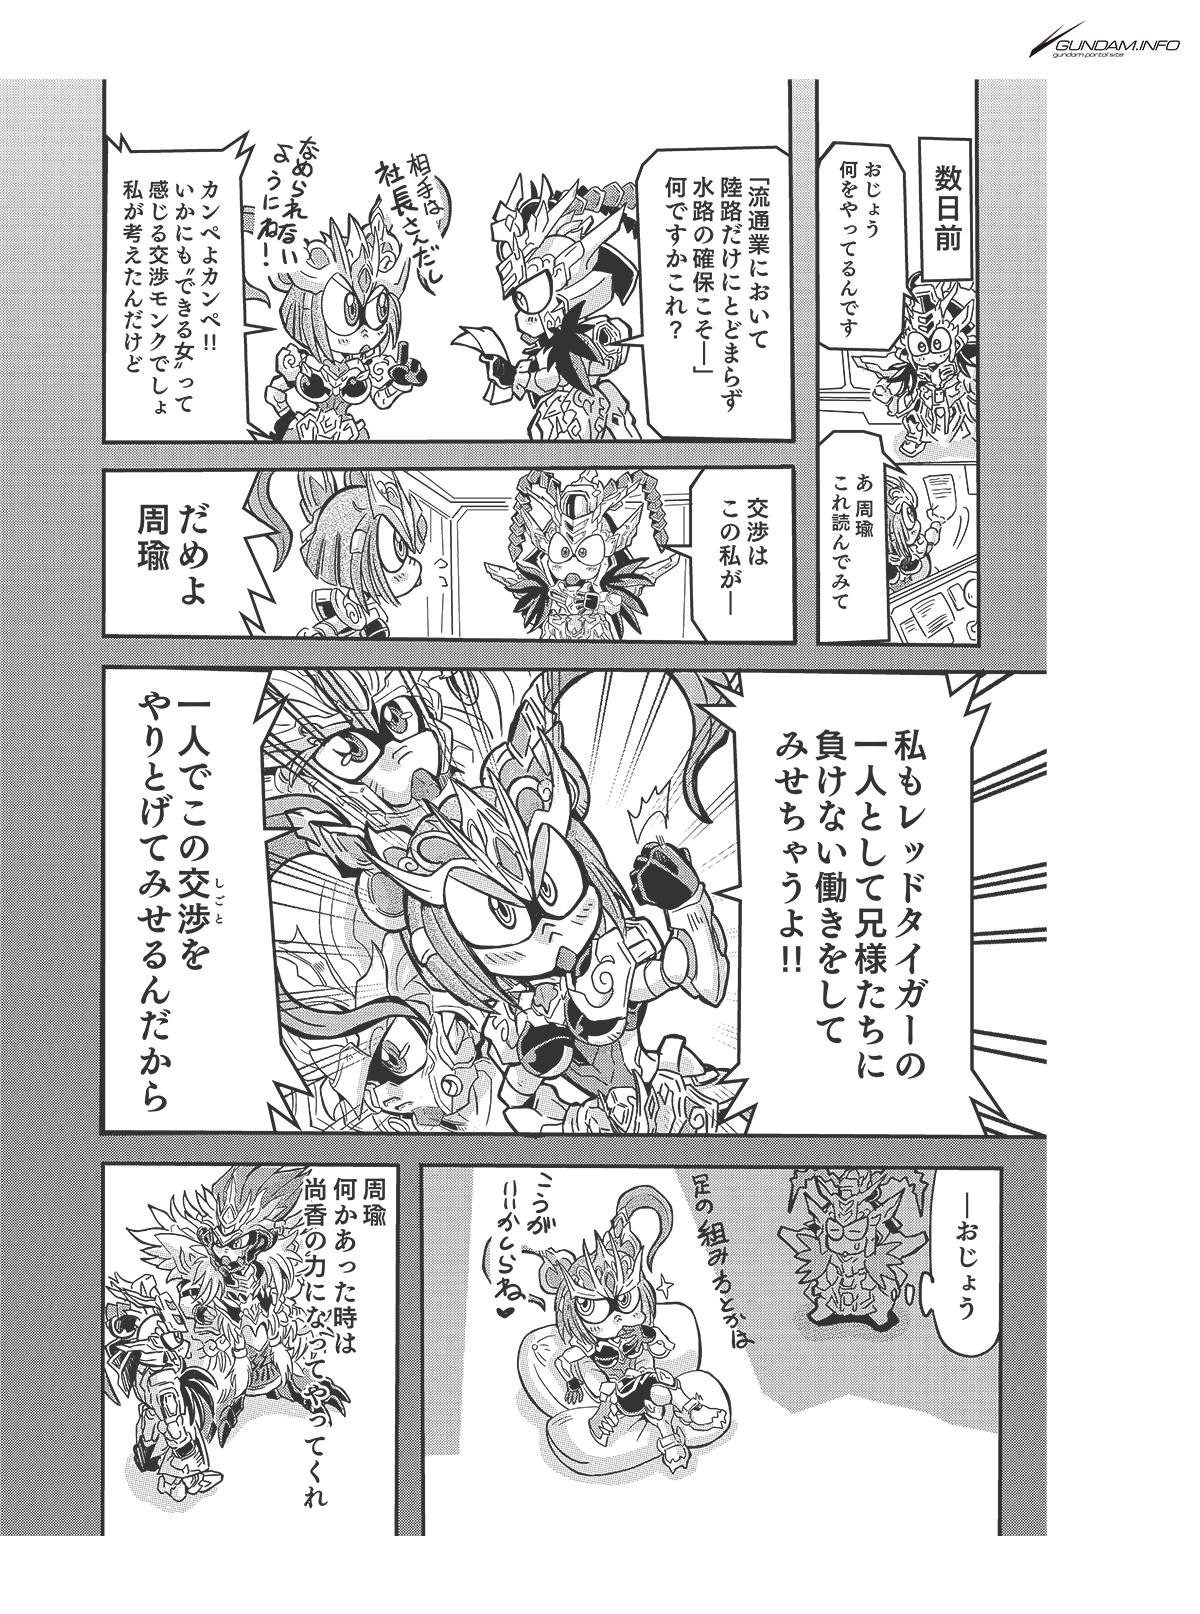 SDガンダムワールド 三国創傑伝 焔虎譚 第5話 P8